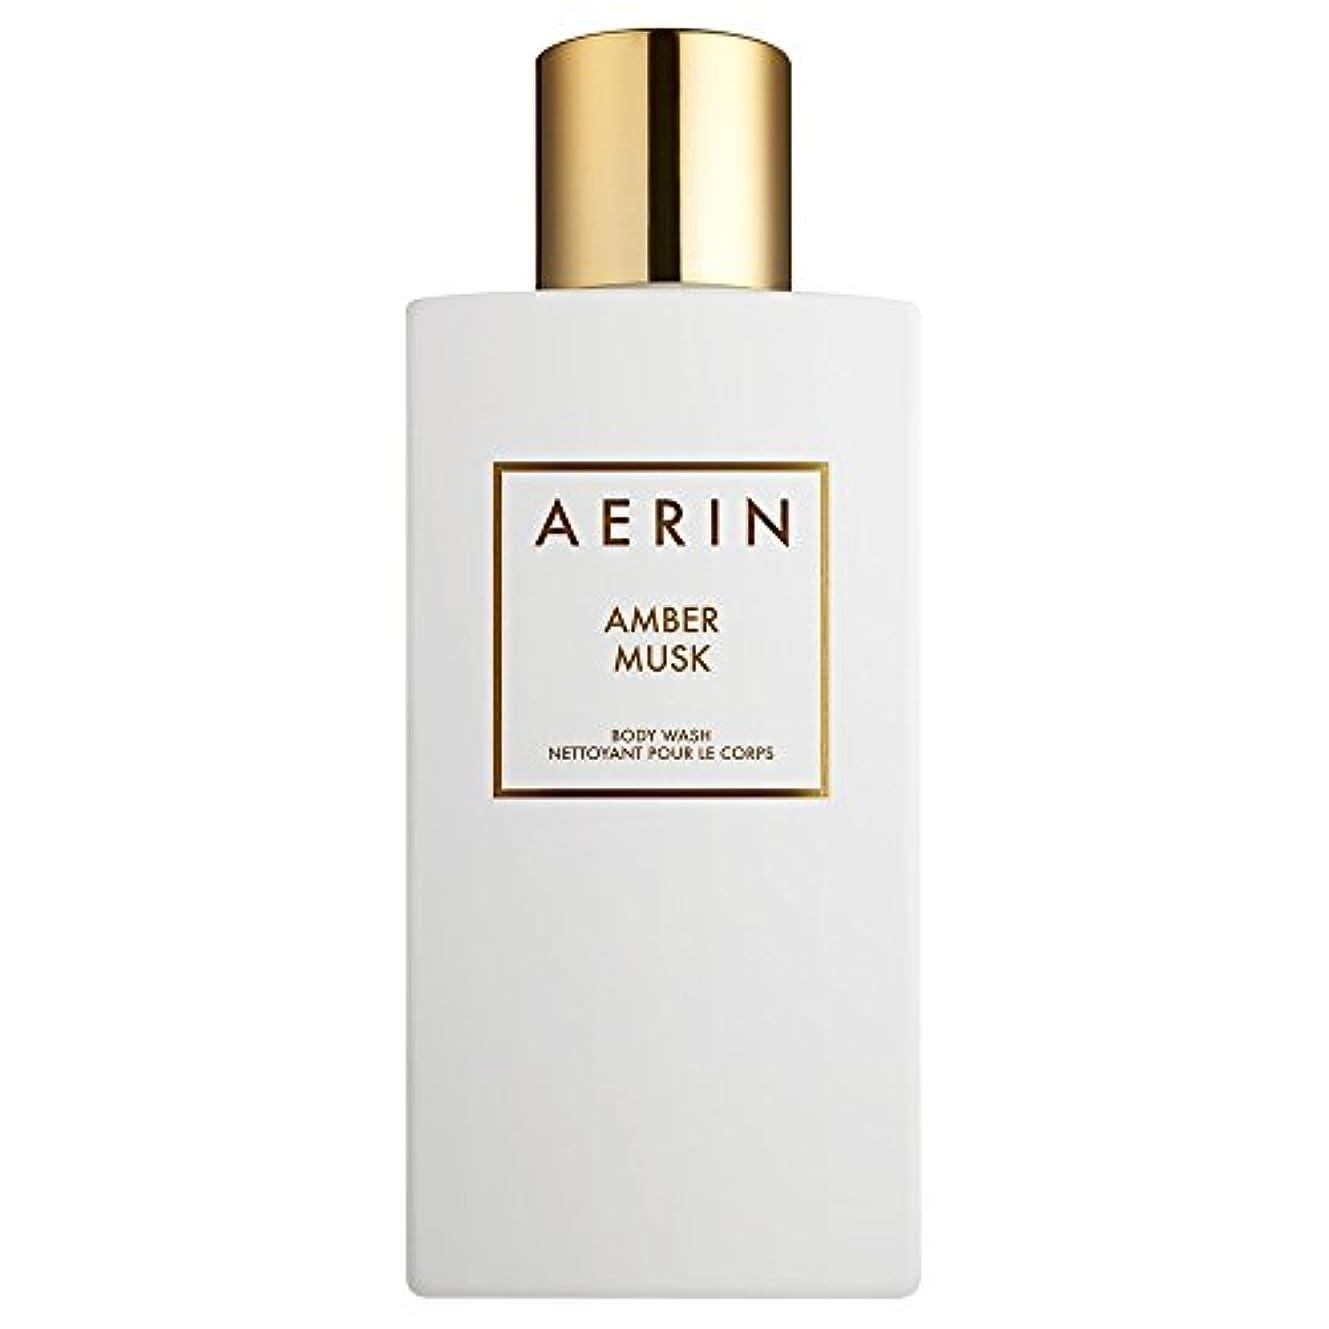 くしゃくしゃベリー床Aerinアンバームスクボディウォッシュ225ミリリットル (AERIN) - AERIN Amber Musk Bodywash 225ml [並行輸入品]